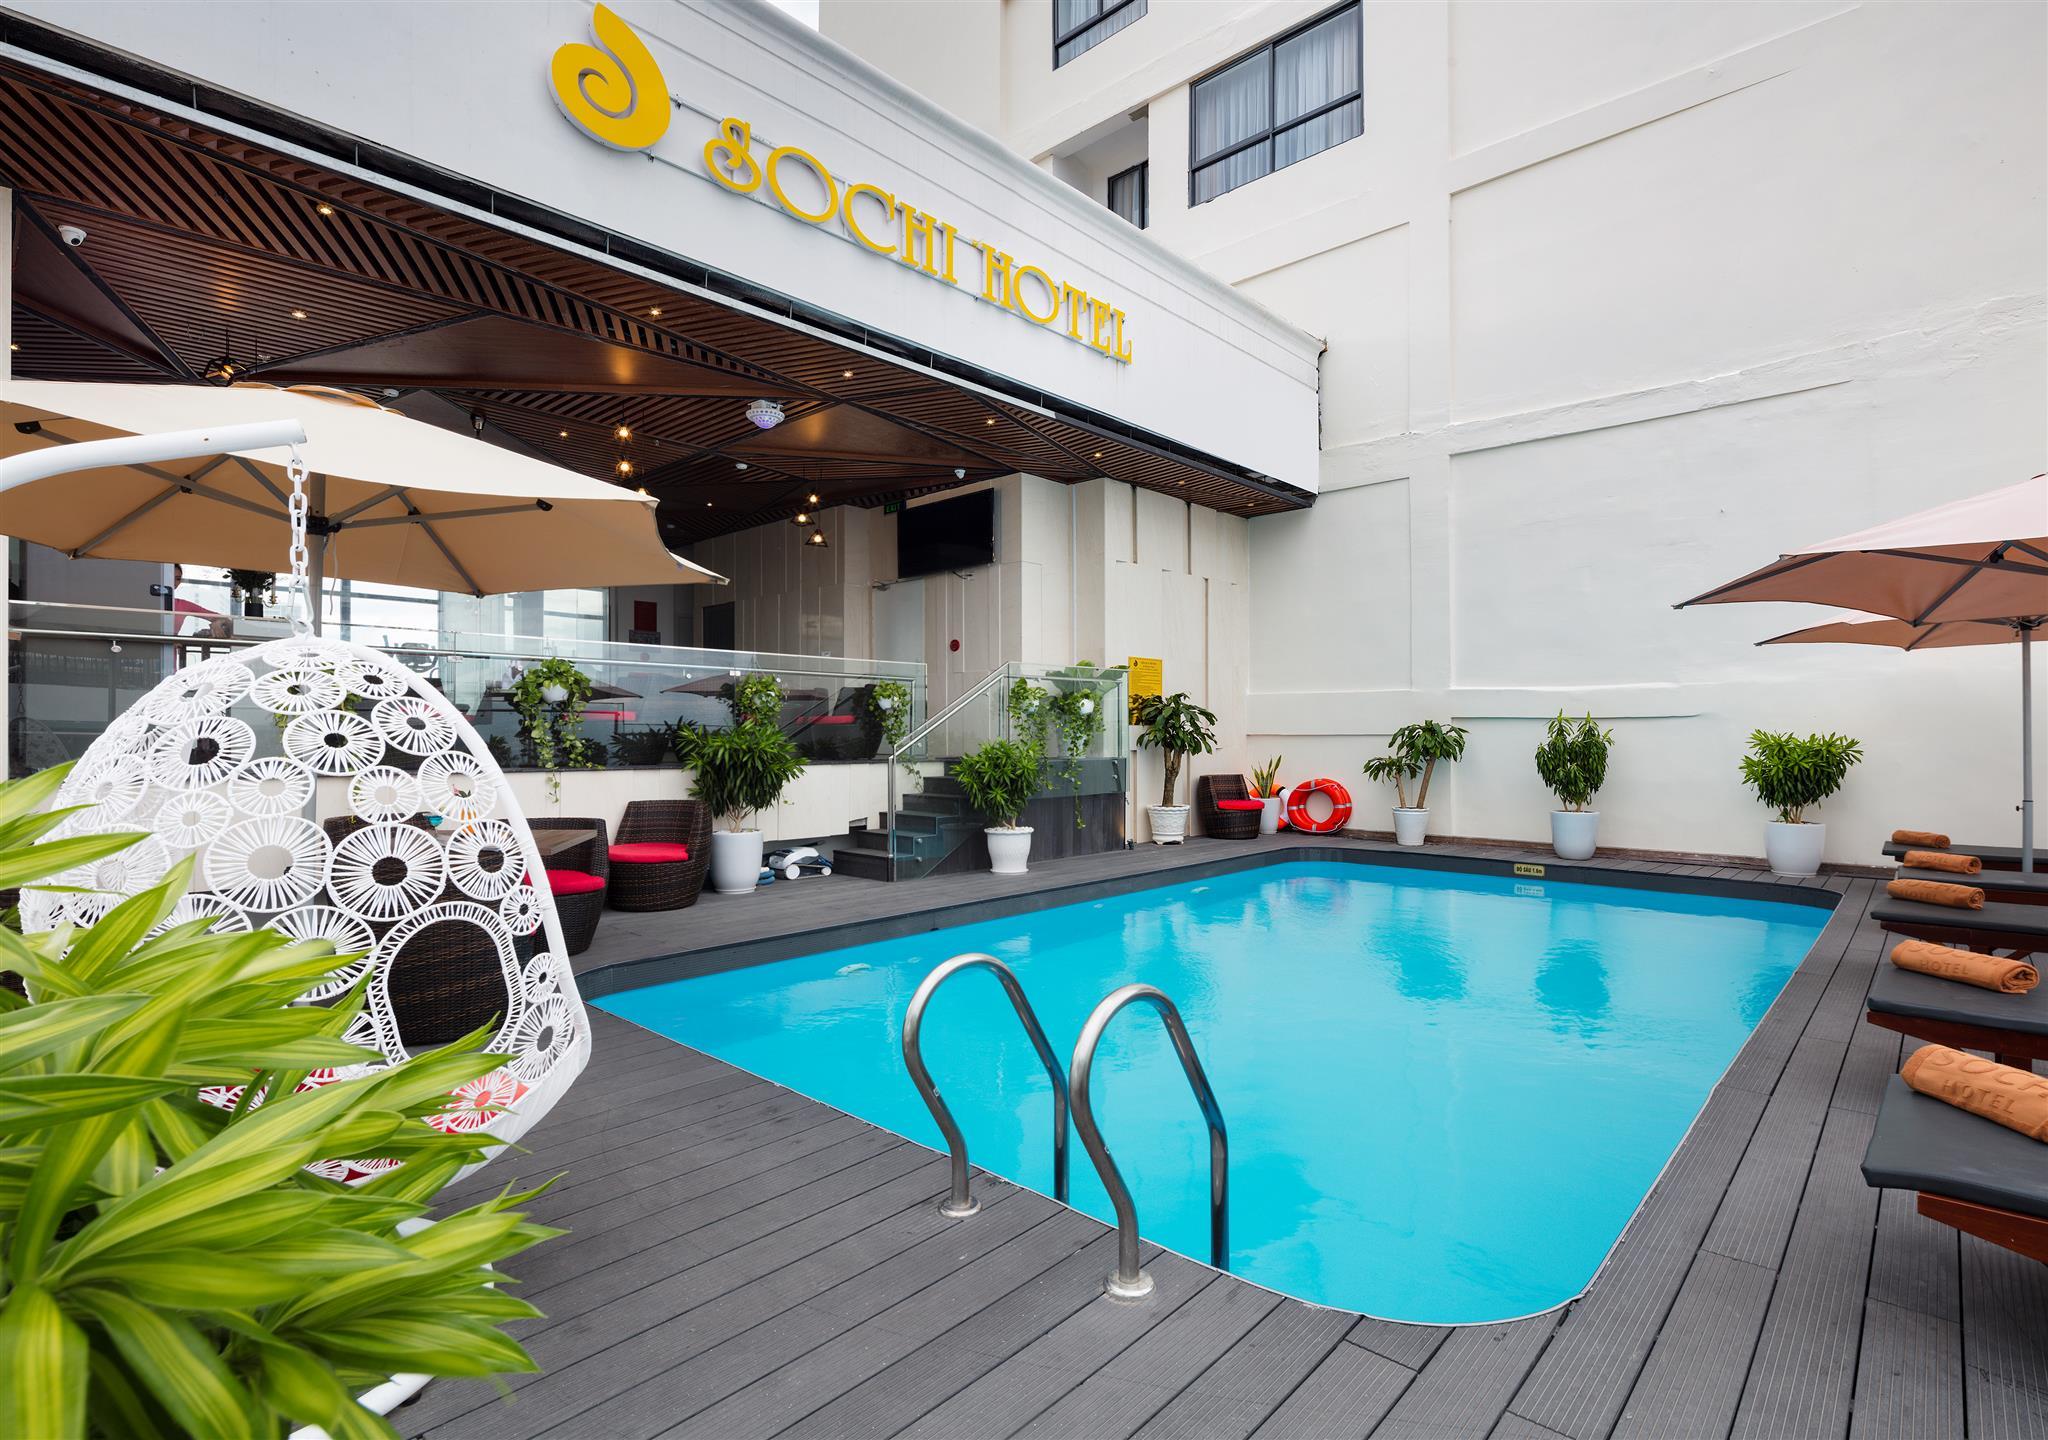 Khách sạn Sochi sang trọng tại Nha Trang